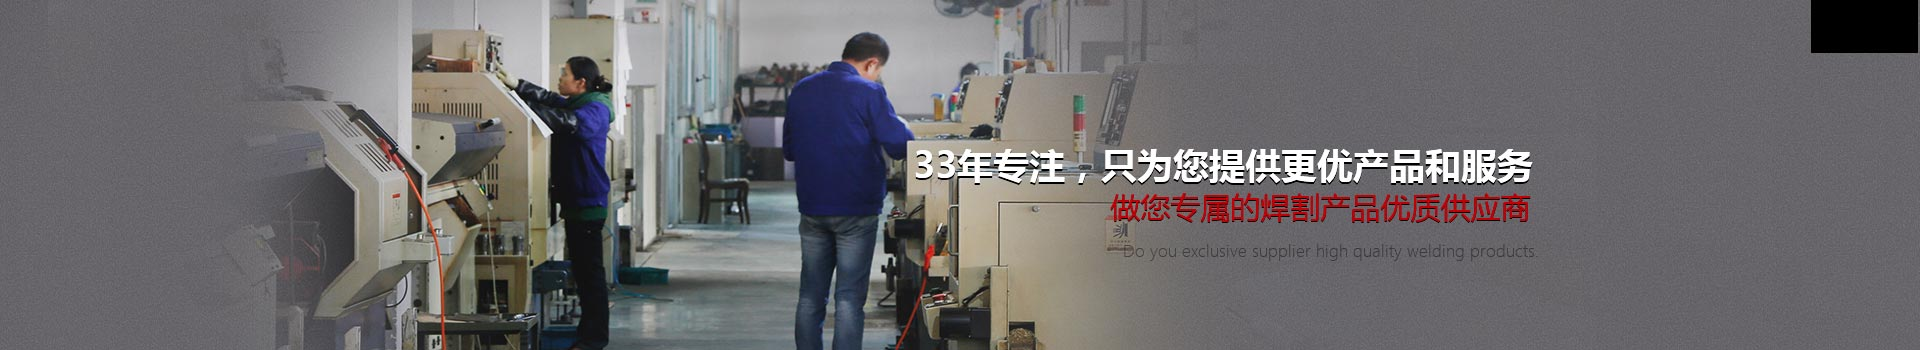 33年专注,只为您提供更优产品和服务 做您专属的焊割产品优质供应商